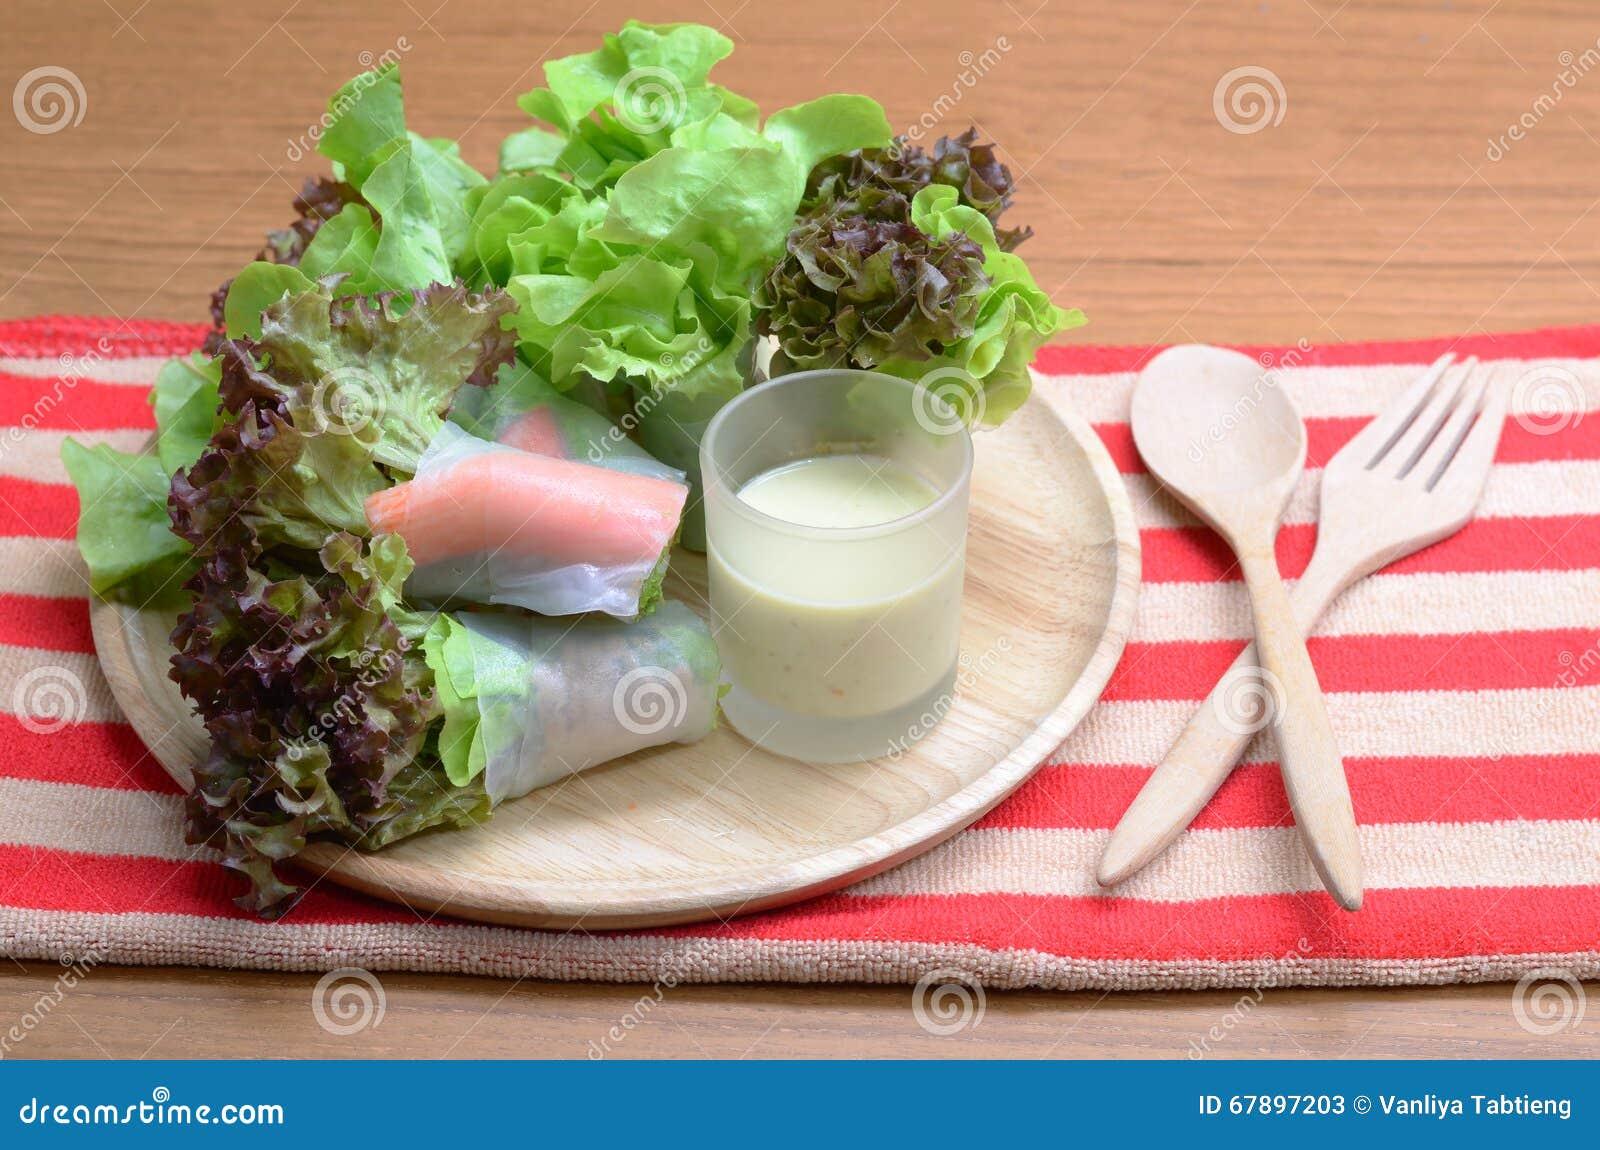 沙拉卷菜和螃蟹忠心于色拉调味品